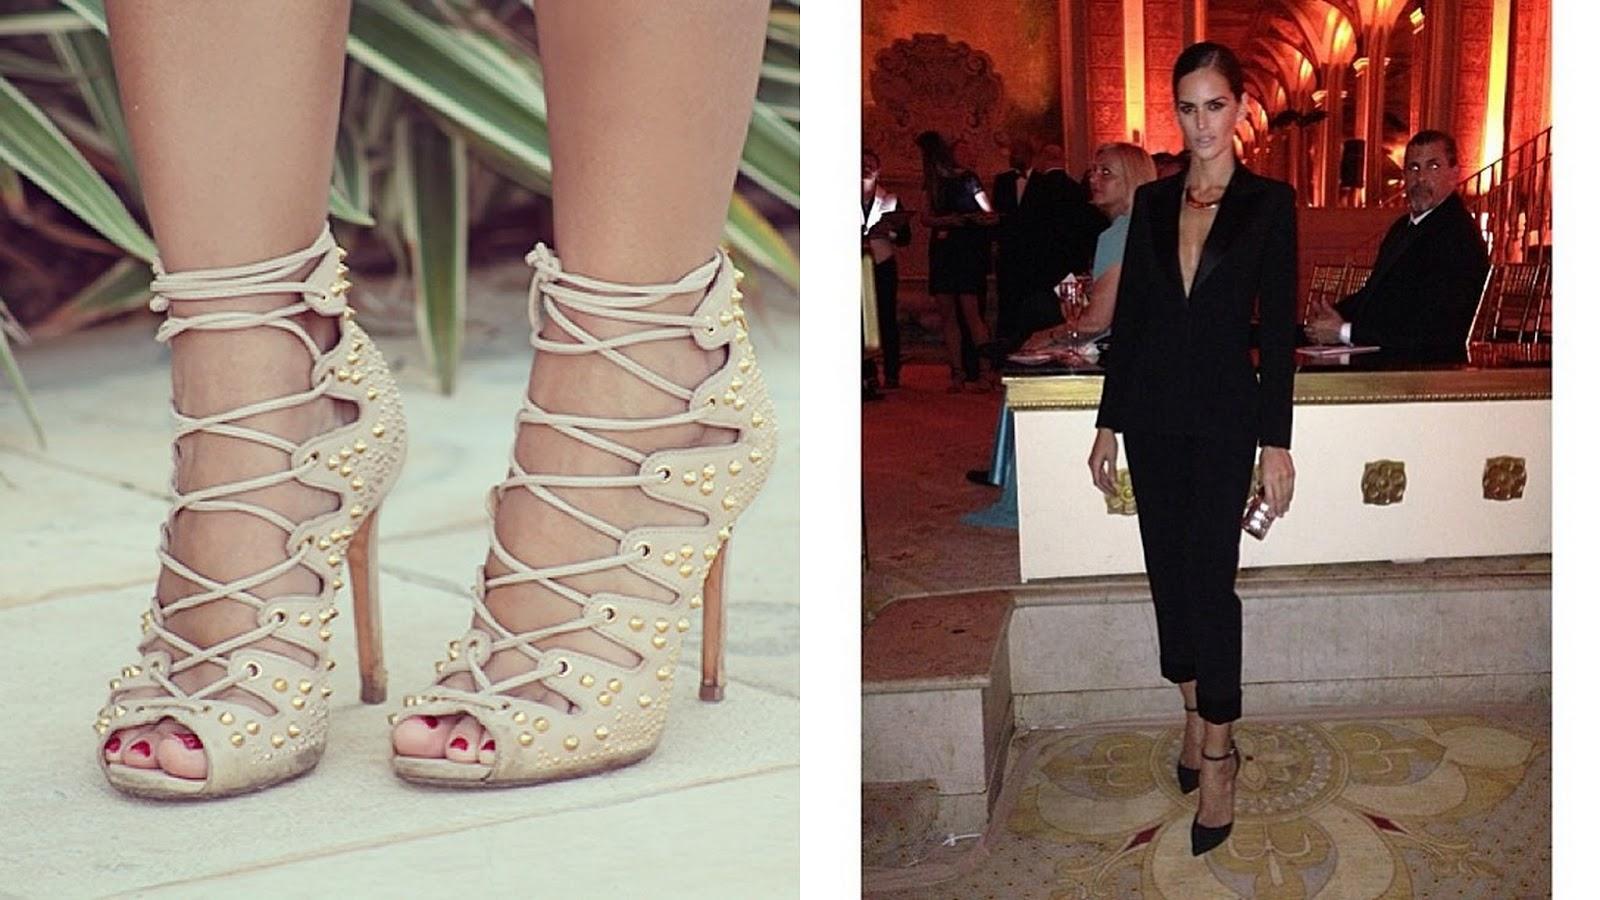 5e648c25d36 Schutz Shoes - Look Linger Love Look Linger Love